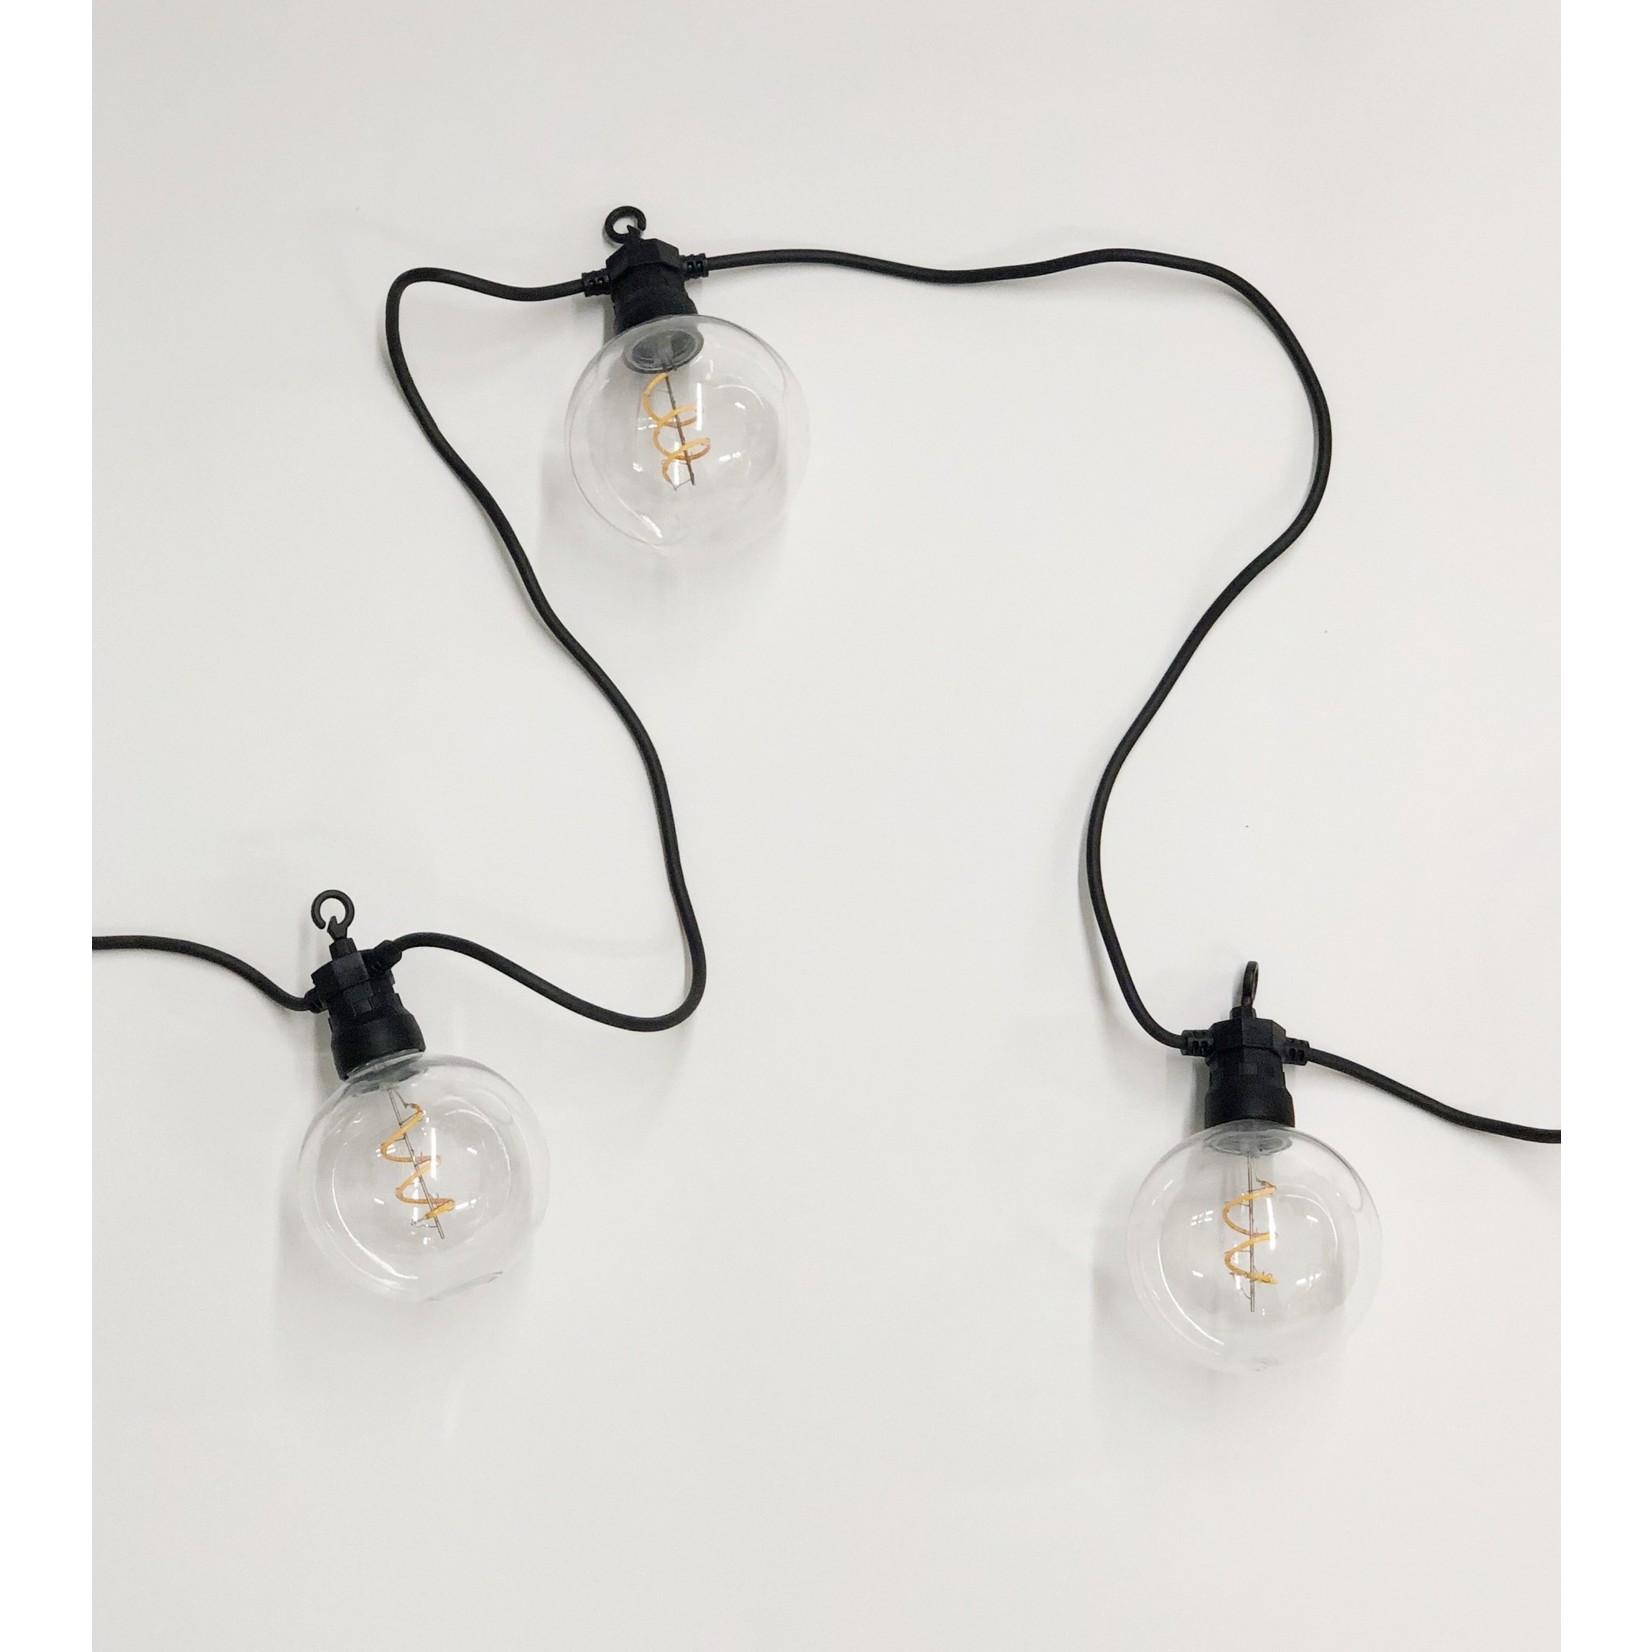 Jumbo Globe LED Light String